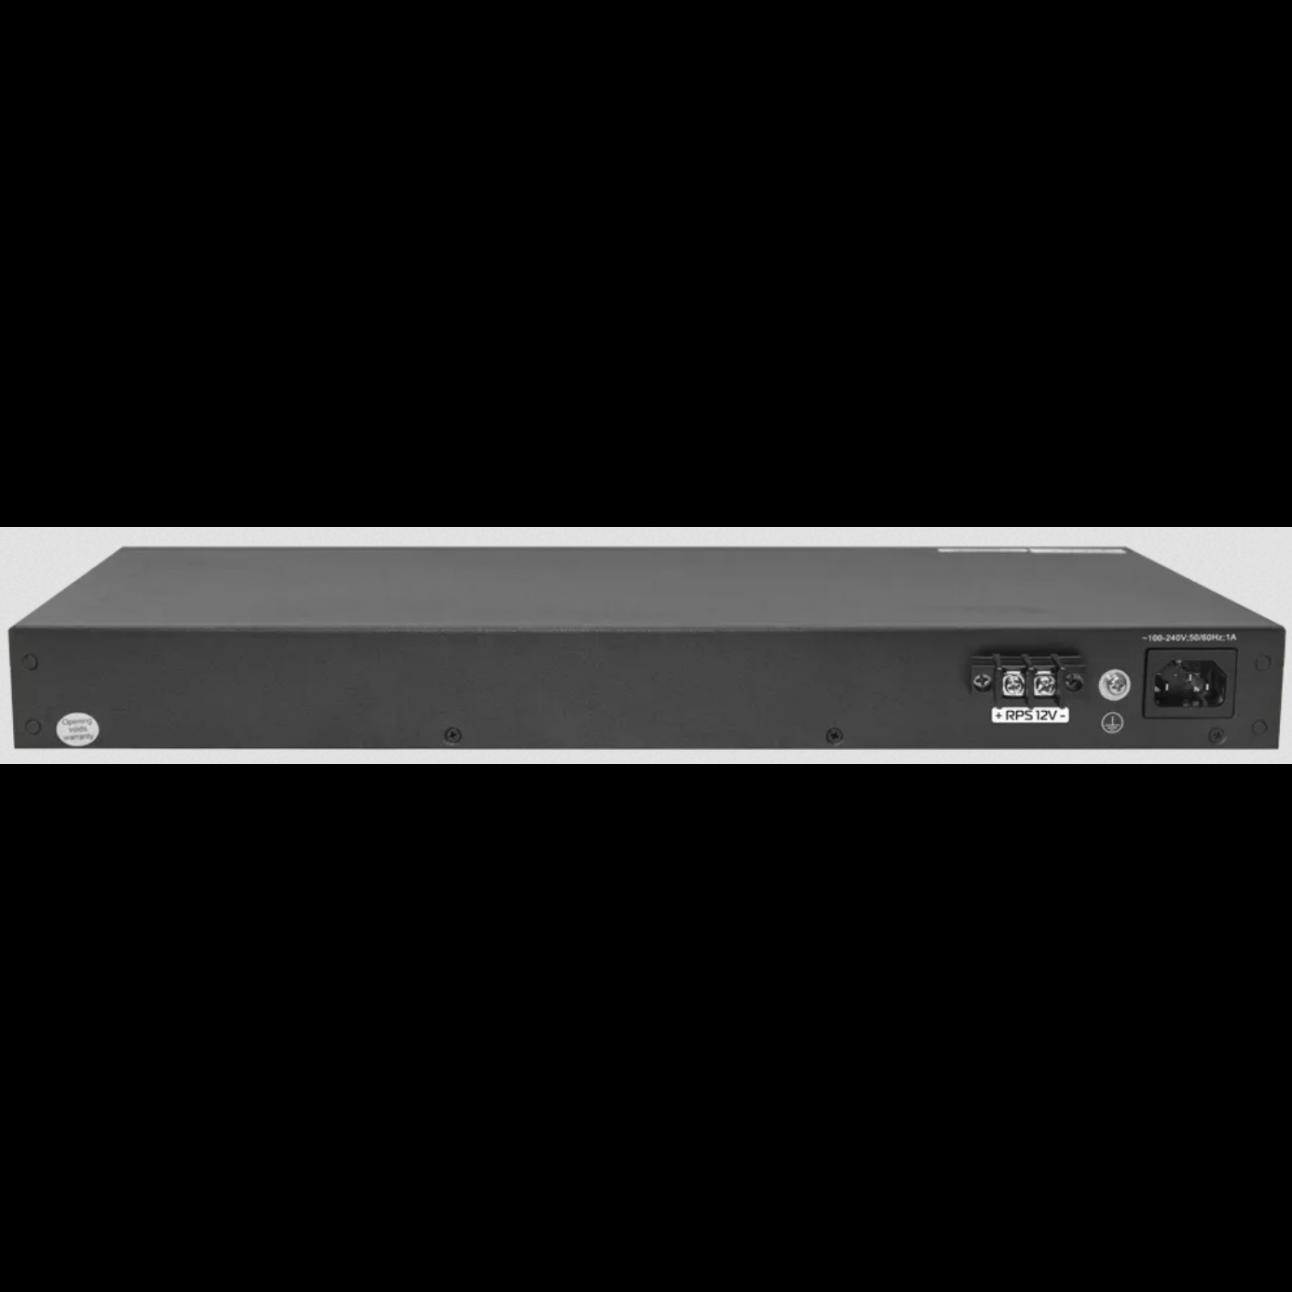 Управляемый коммутатор уровня 2 SNR-S2965-48T-RPS